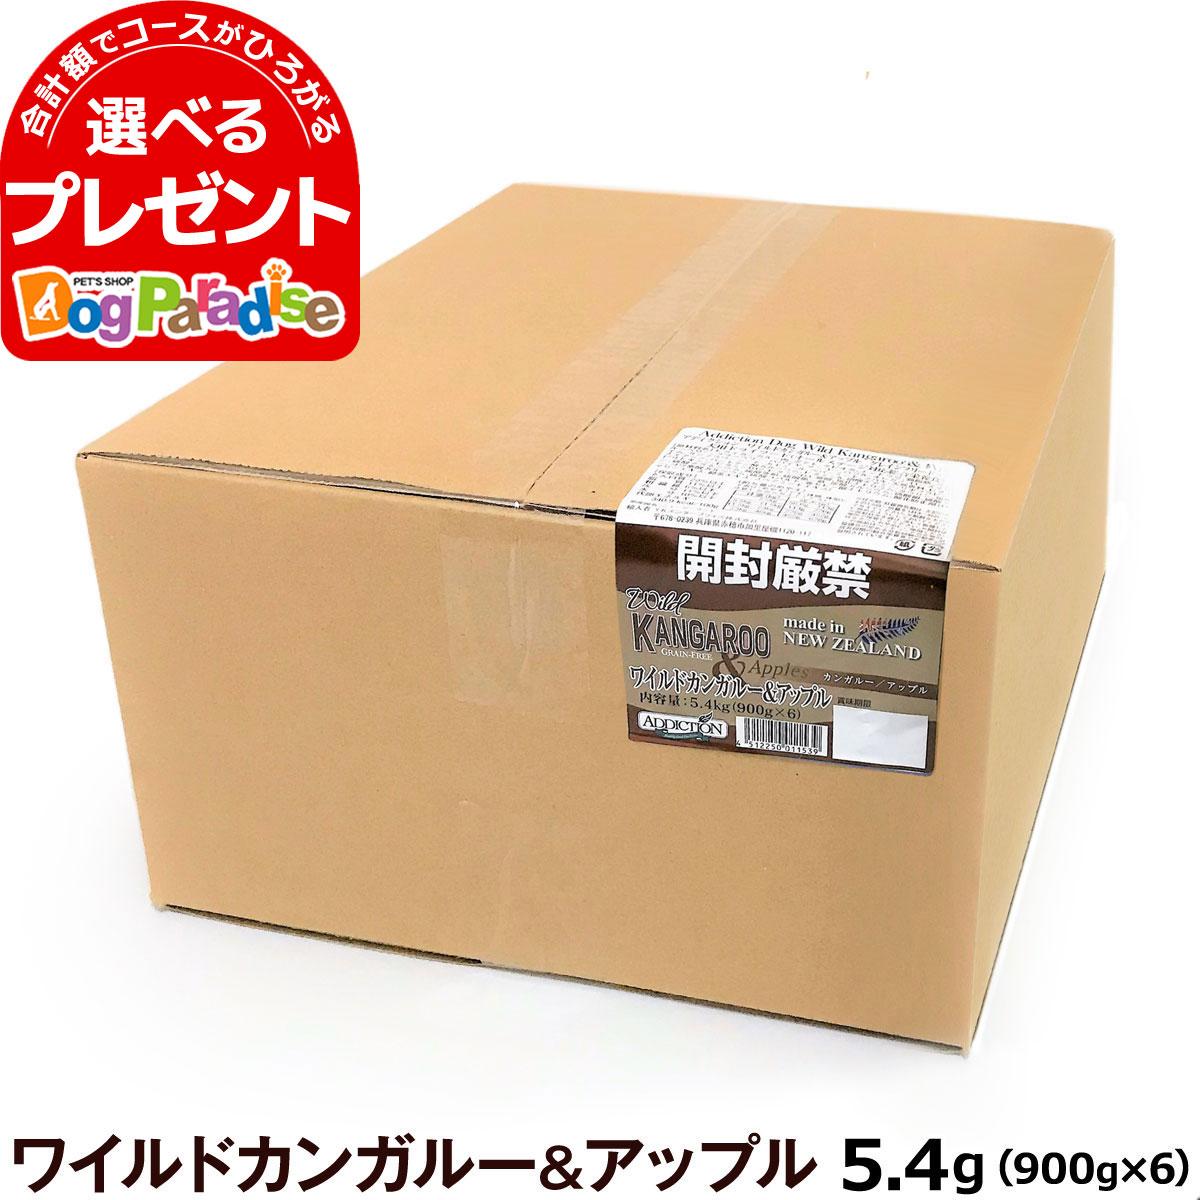 アディクション ワイルドカンガルー&アップル グレインフリードッグフード 5.4kg(900g×6)